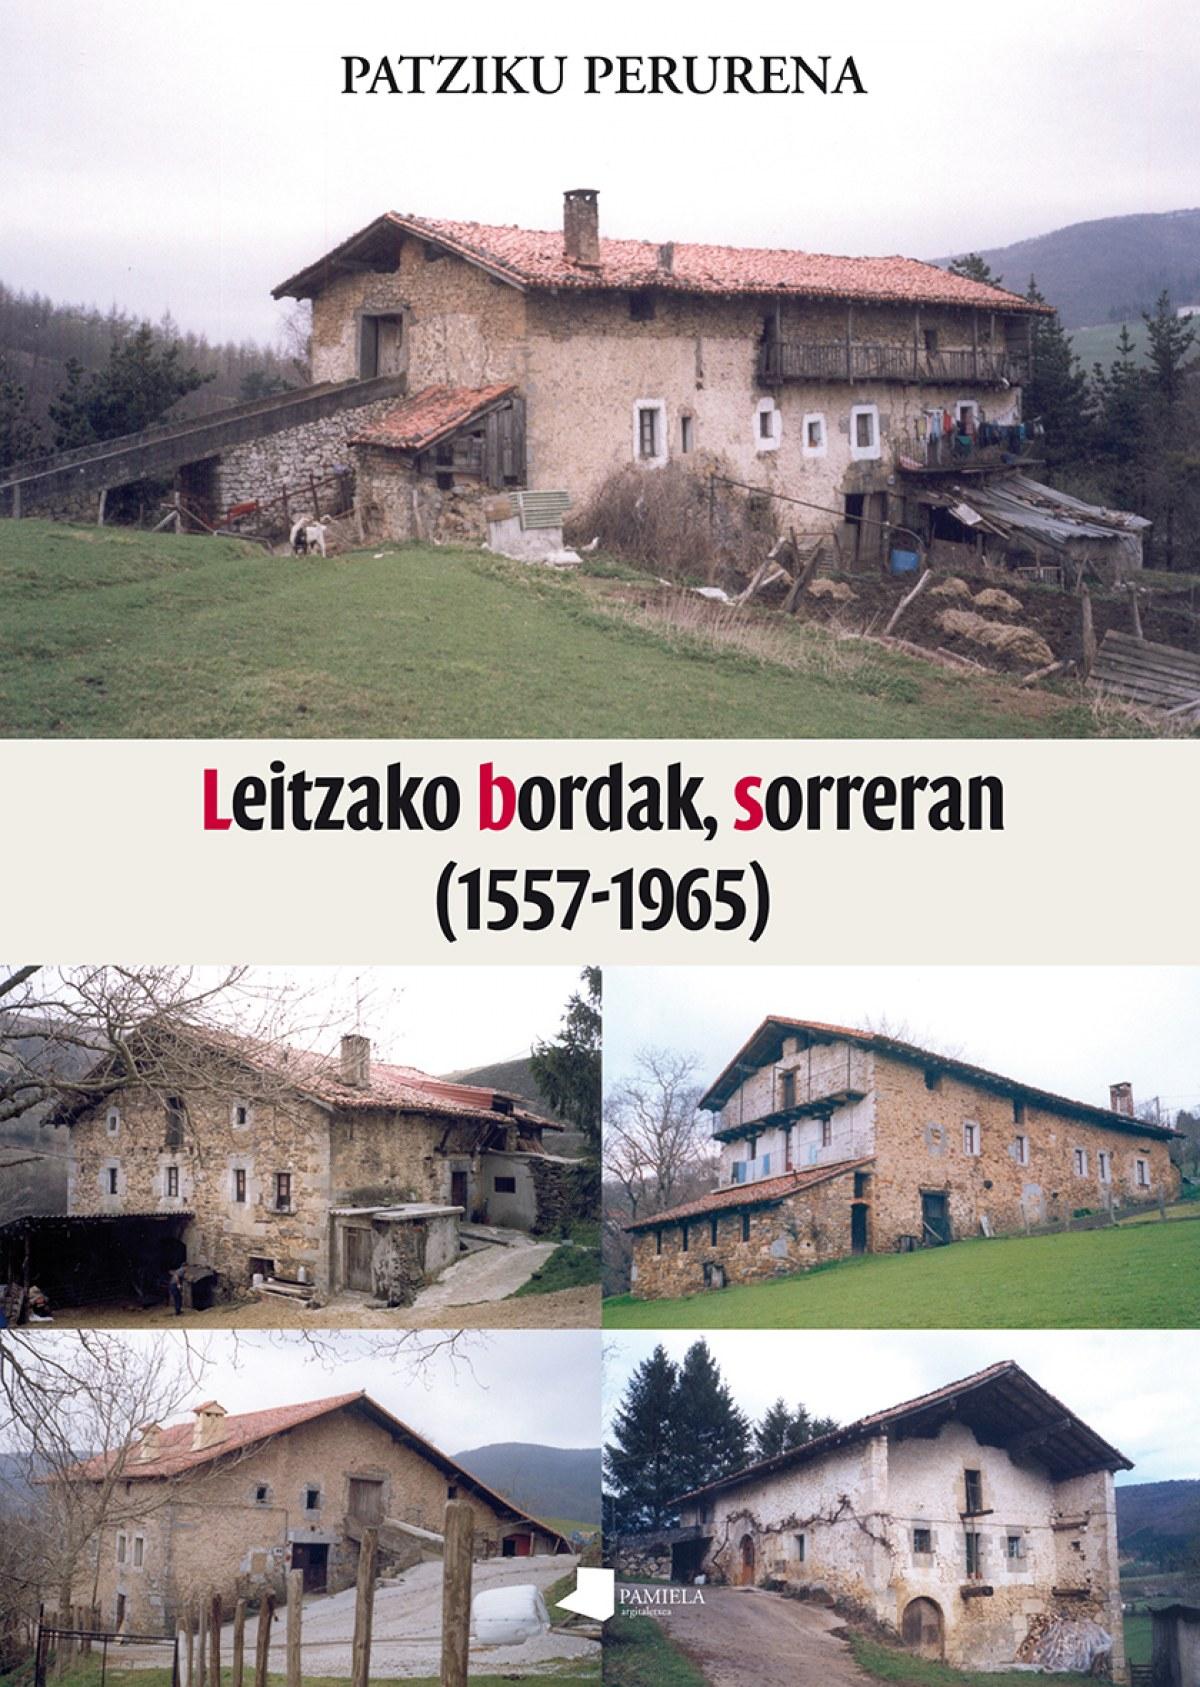 Leitzako bordak, sorreran (1557-1965)